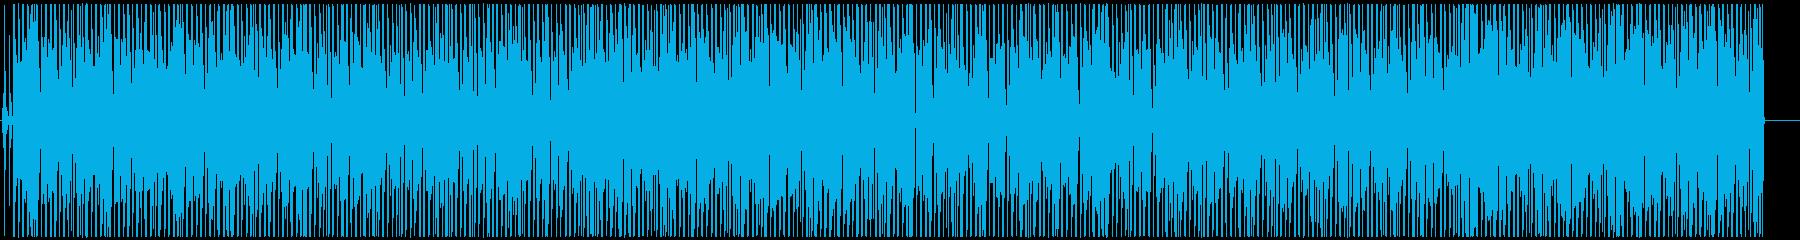 レゲエ ほのぼの明るいステッパーズ の再生済みの波形